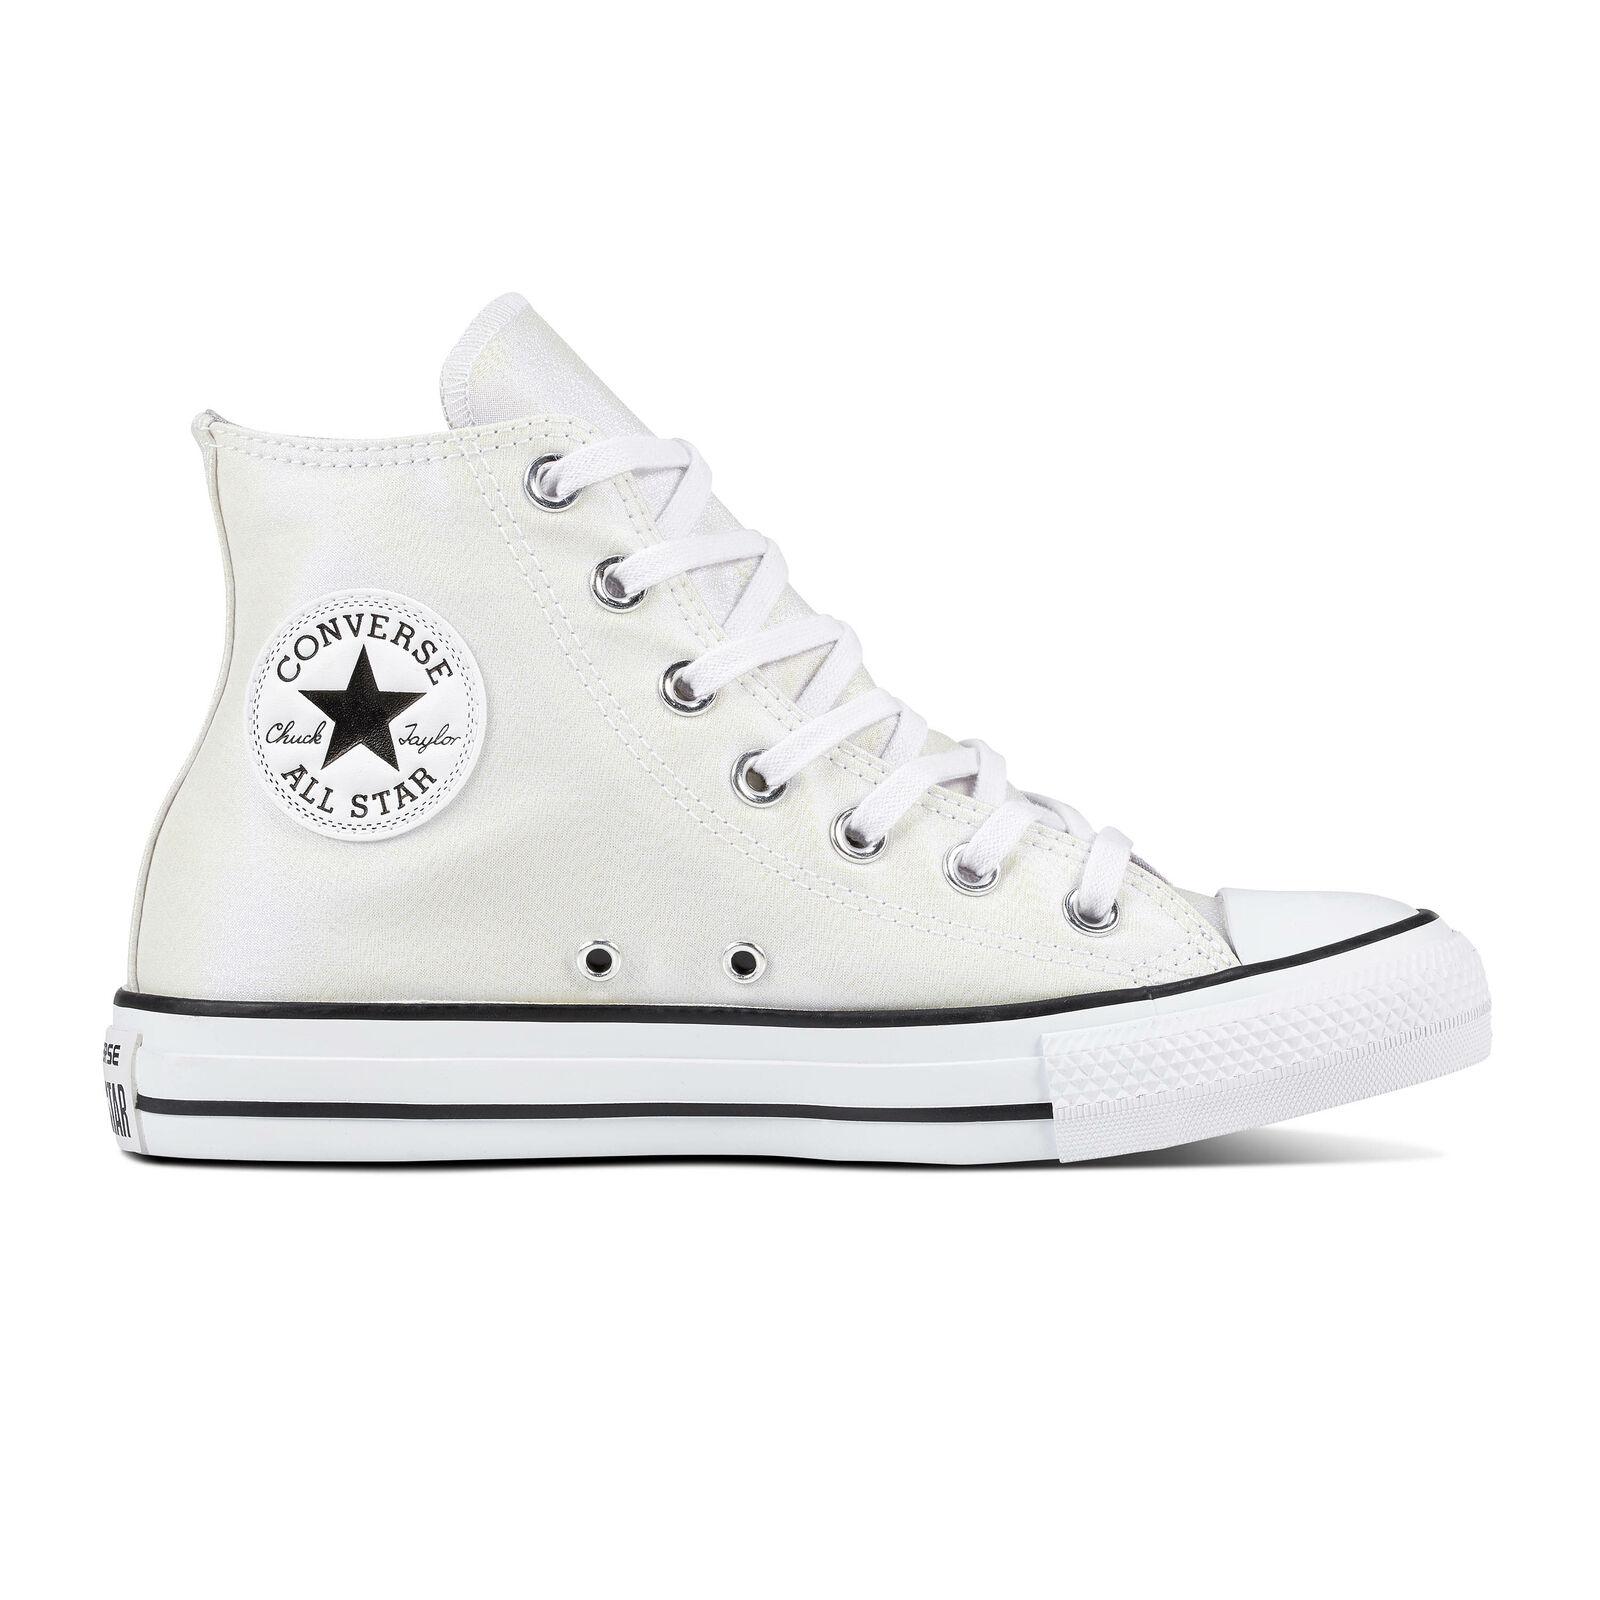 Details zu Converse Chucks Taylor All Star Hi Damen Schuhe Turnschuhe Sneaker 561709C(weiß)